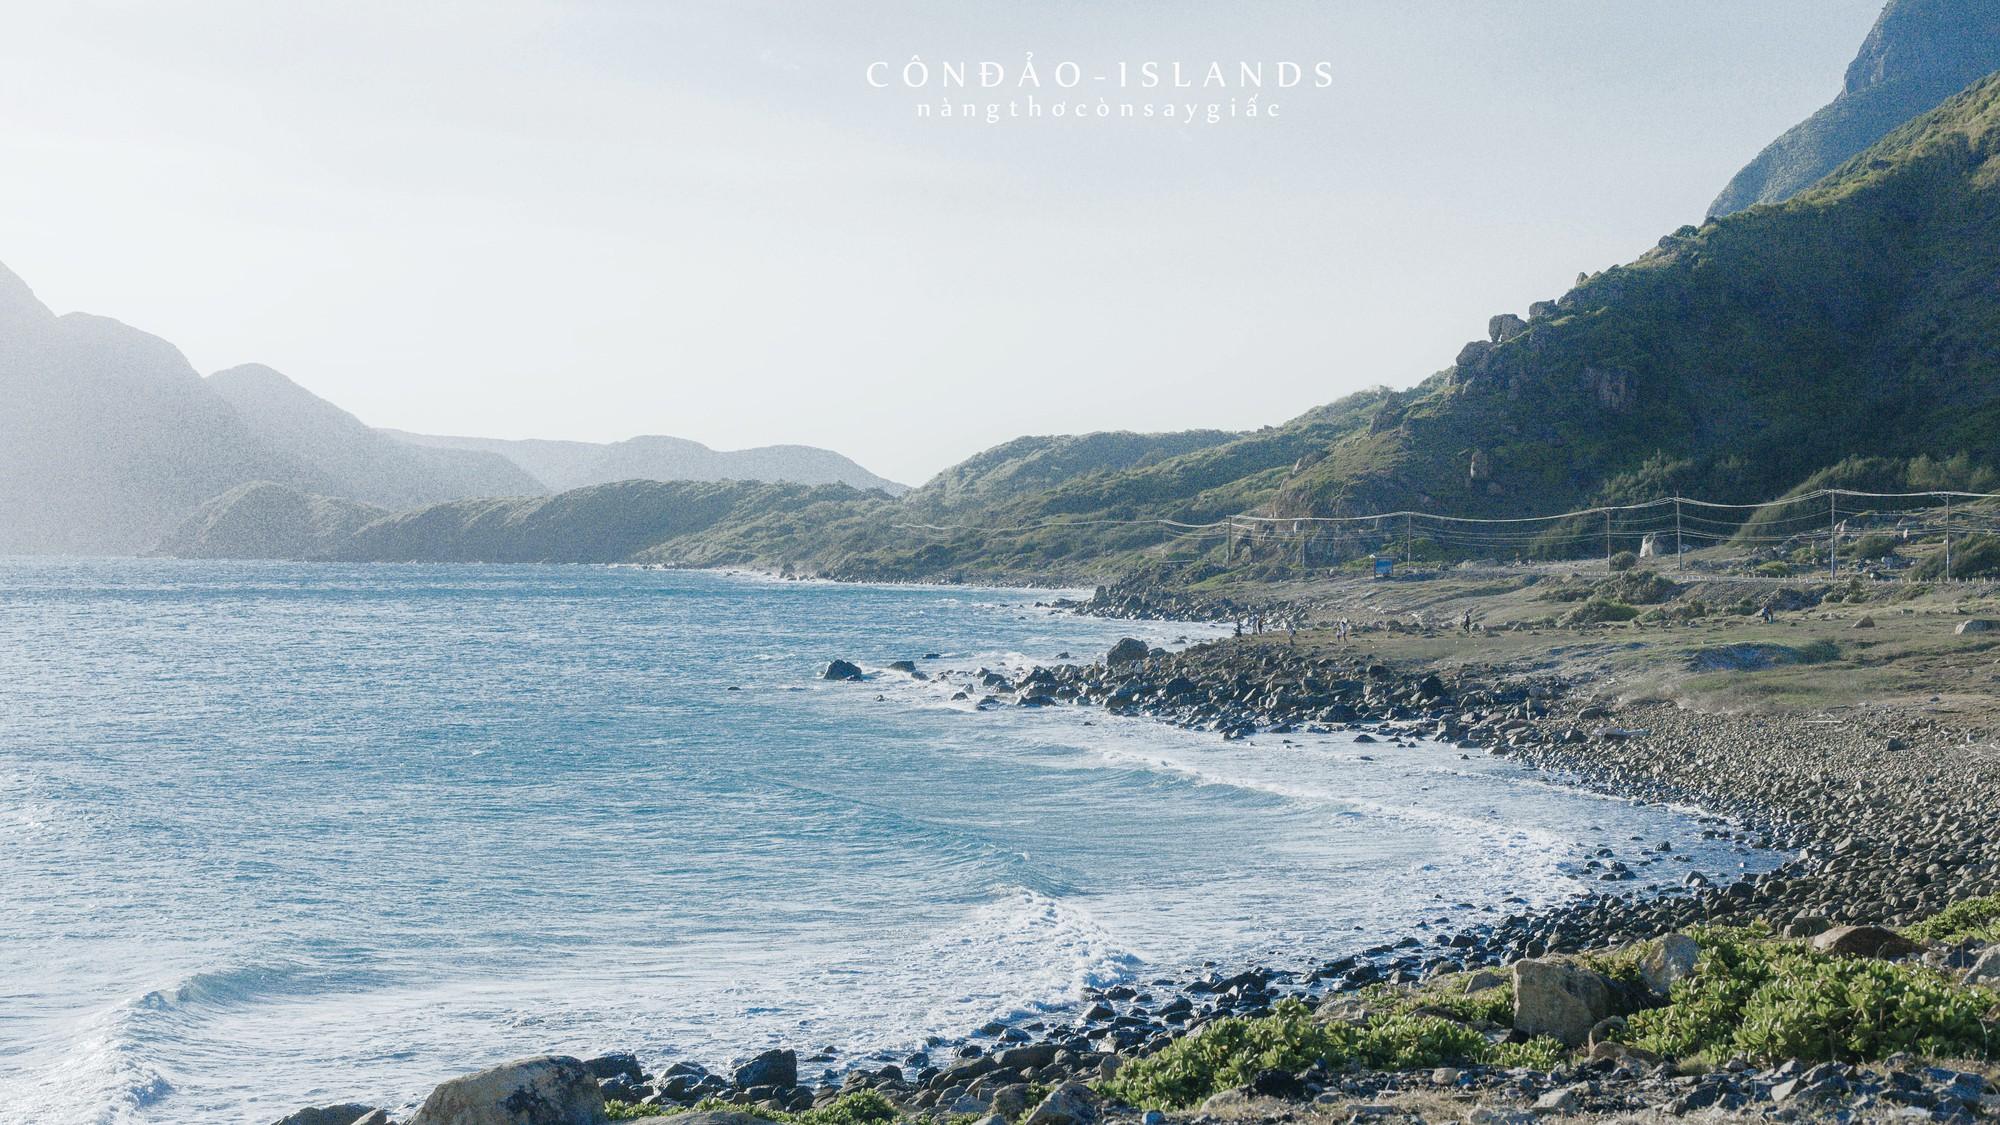 Đừng mơ đến Jeju làm gì khi Việt Nam có hòn đảo còn đẹp hơn nhiều - Ảnh 10.